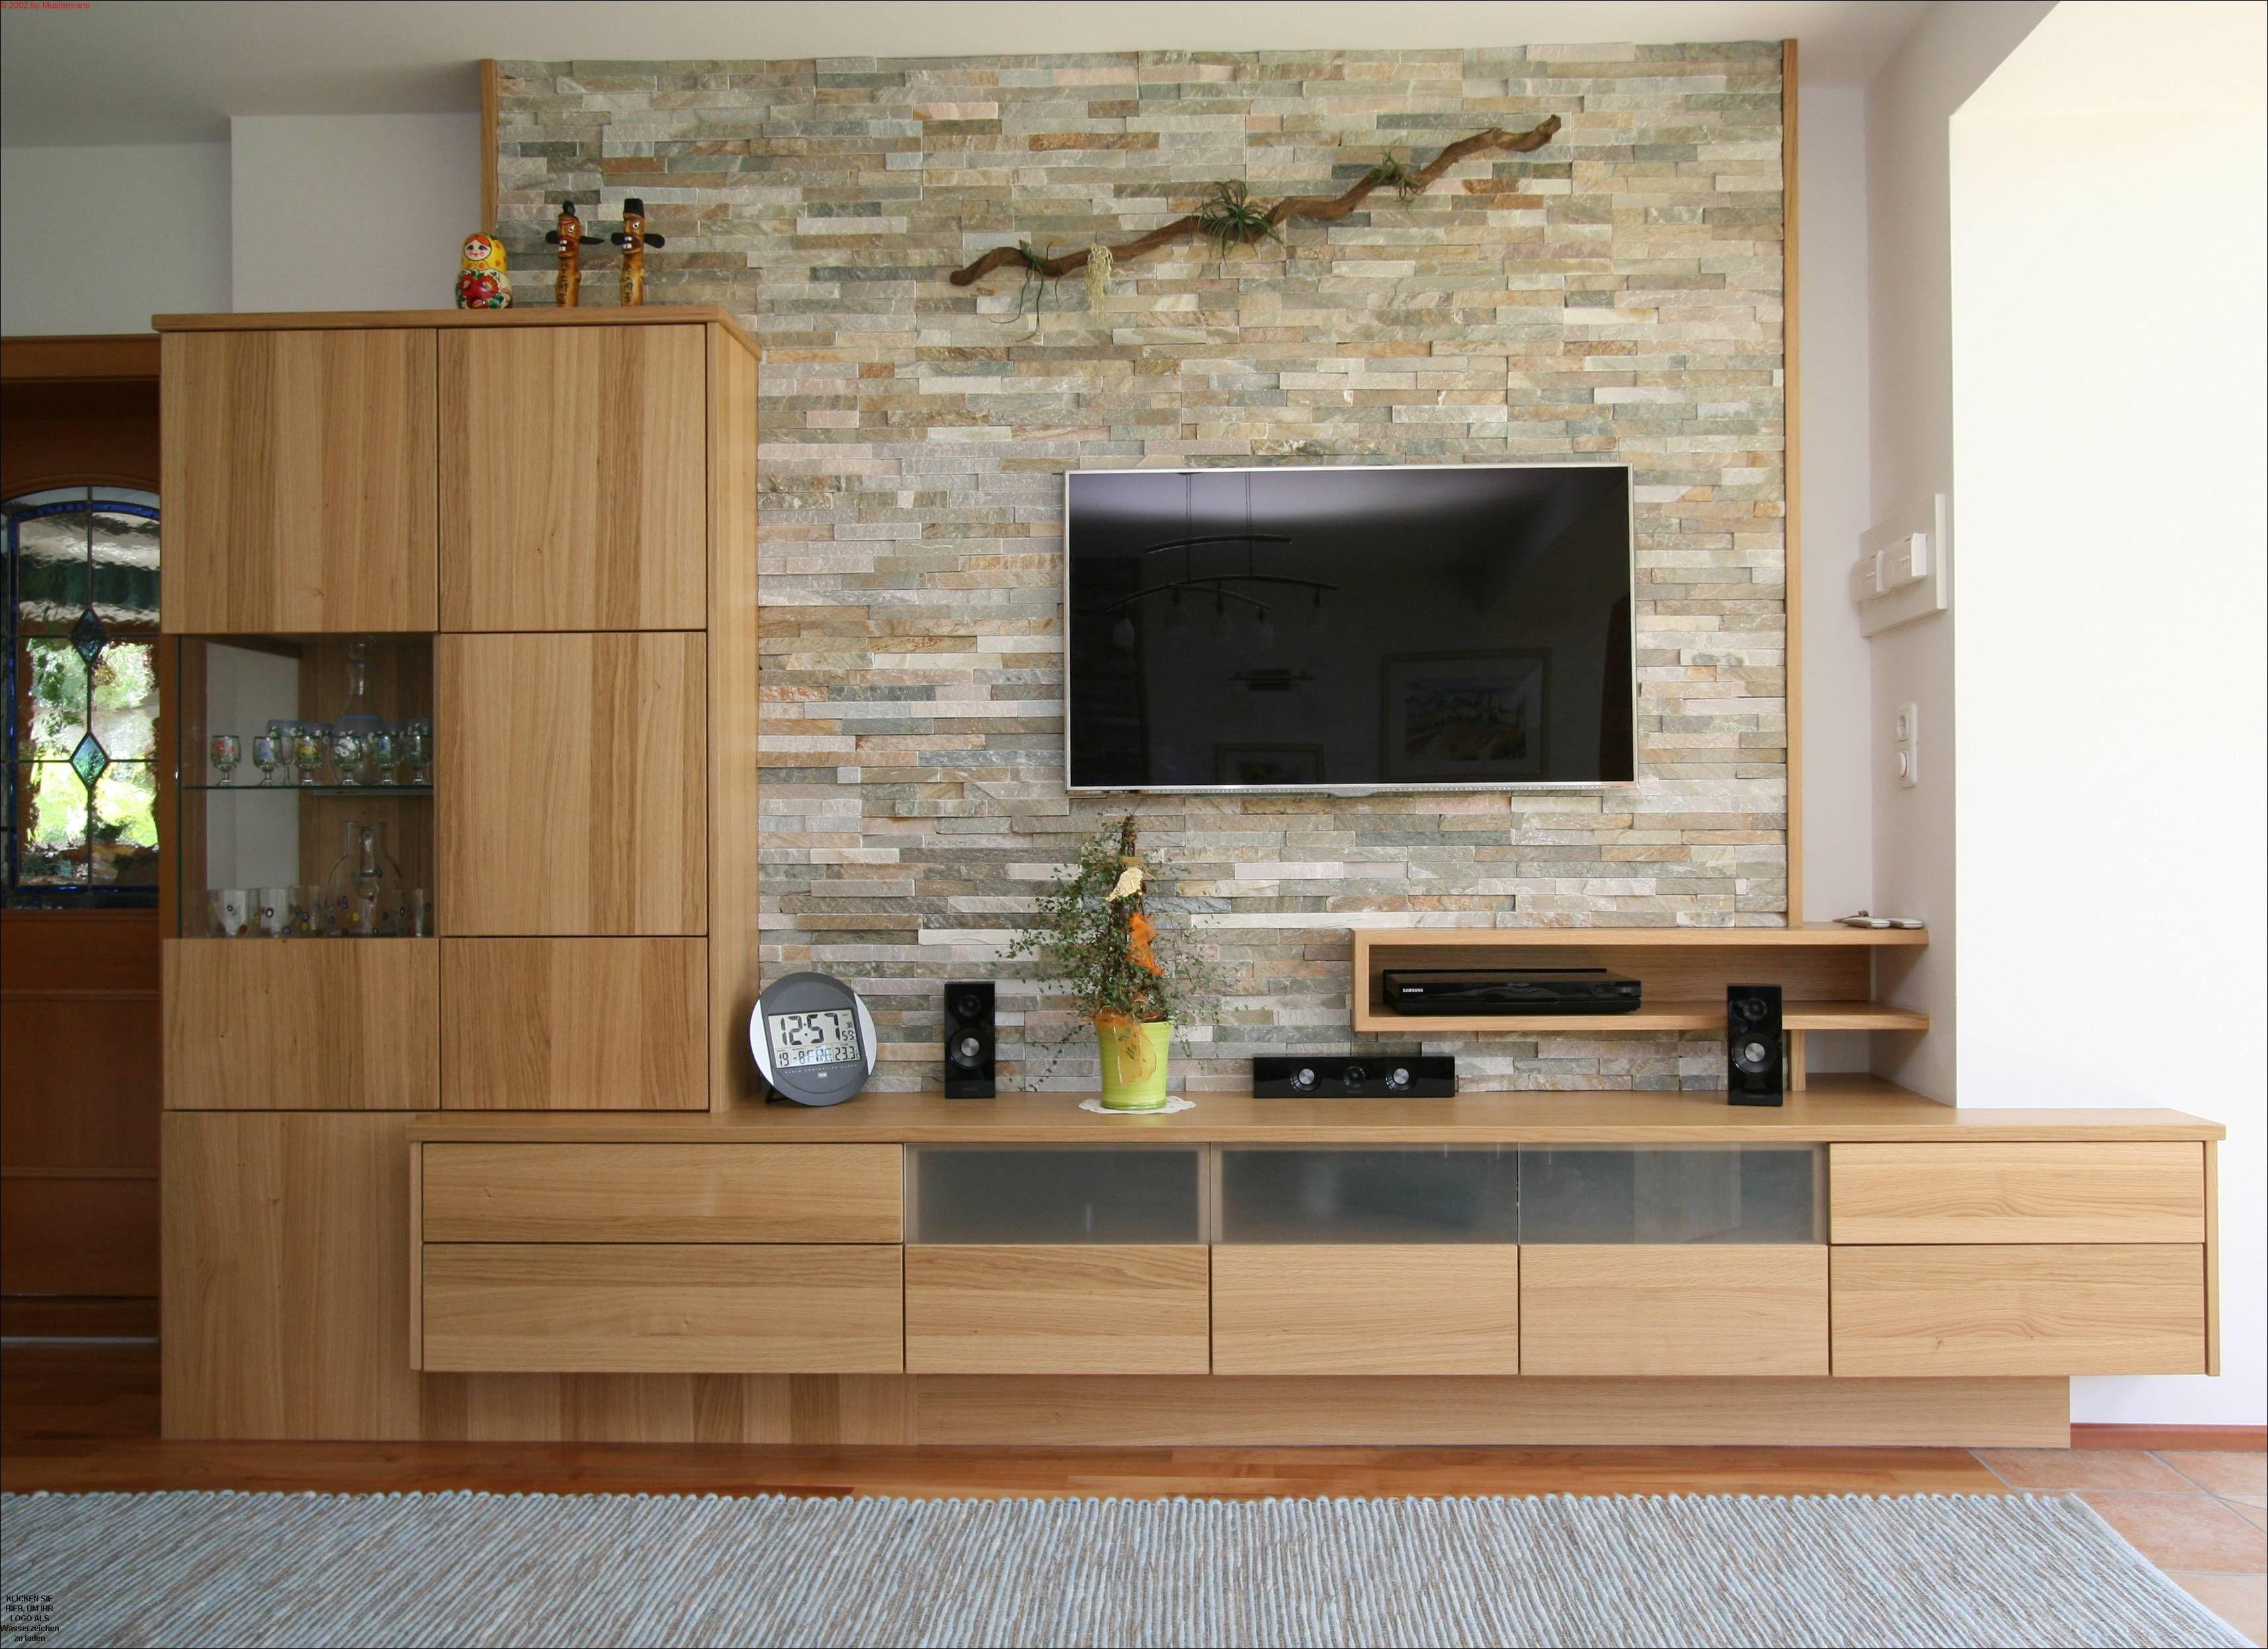 Tischler Wohnzimmer in Eichenholz - Listberger Tischlerei